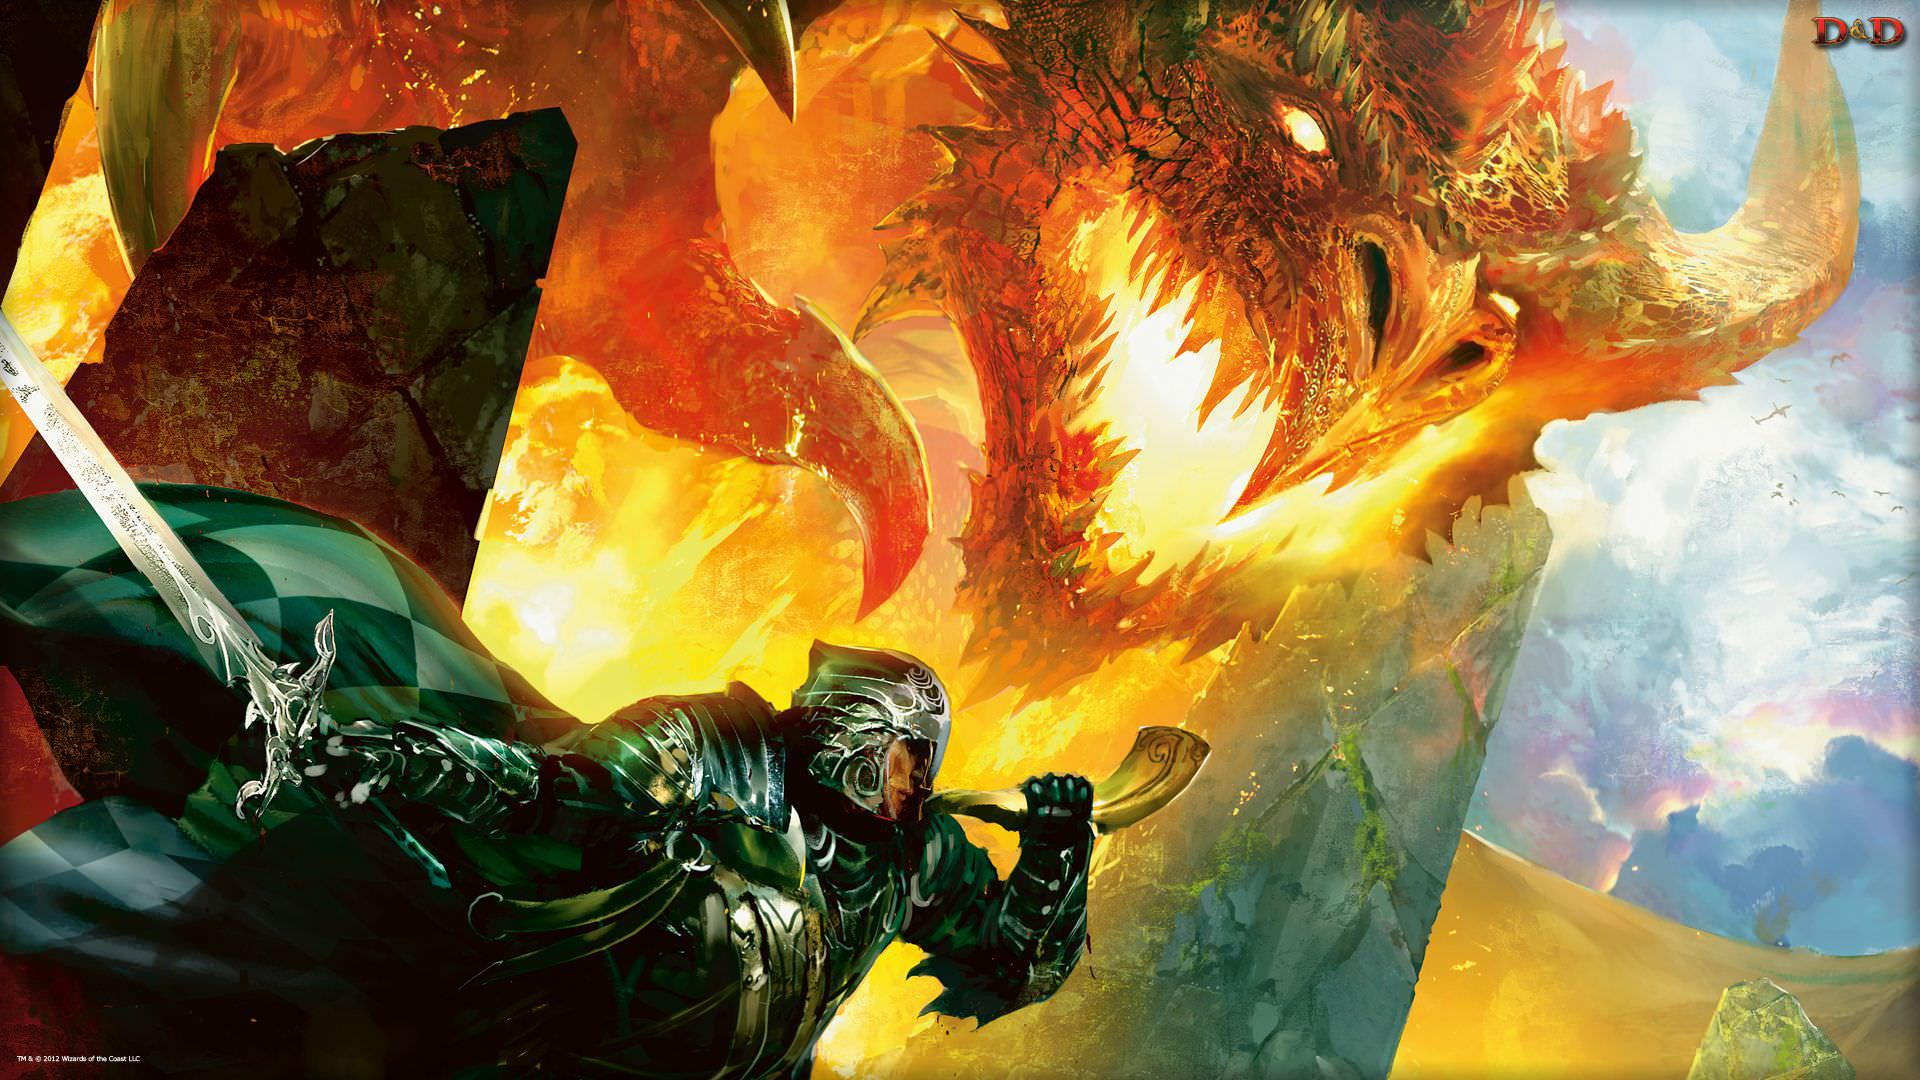 سریال Dungeons and Dragons با همکاری نویسنده جان ویک در دست ساخت است